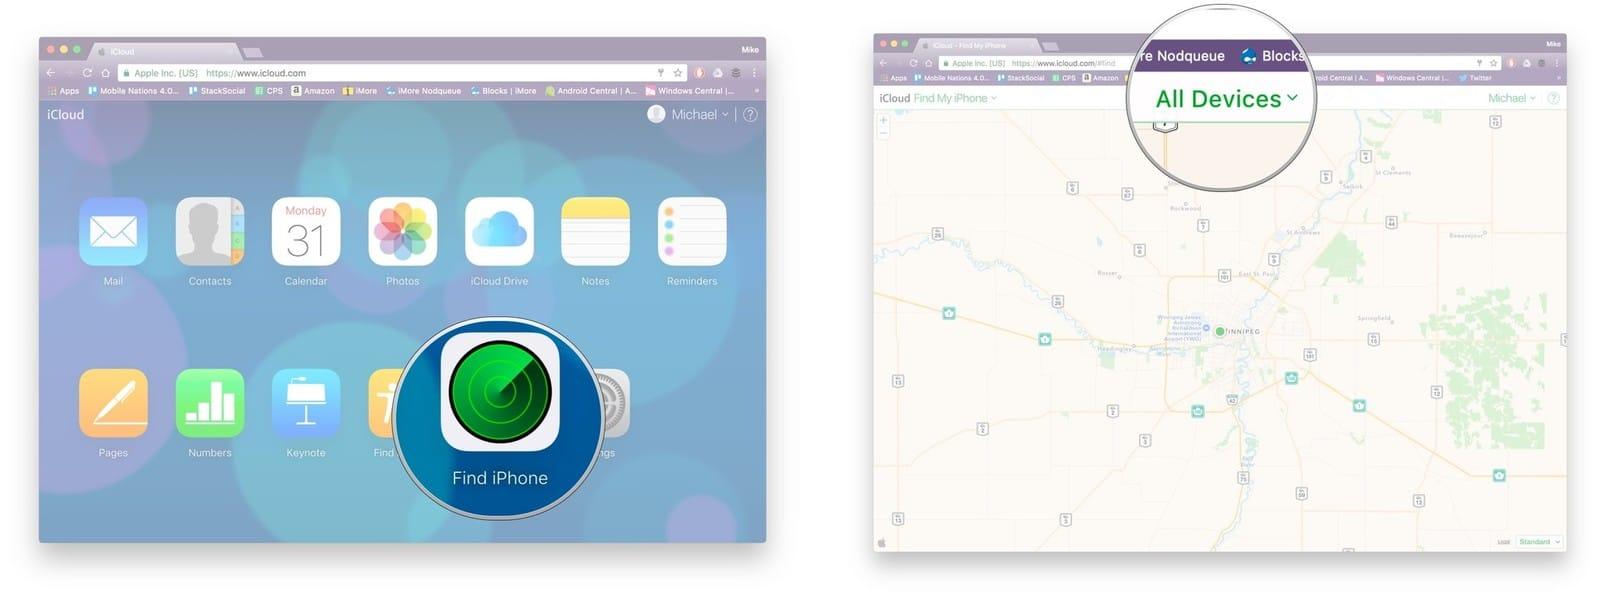 كيفية البحث والعثور على هاتفك المفقود أو المسروق – ويندوز وأندرويد وأيفون 4